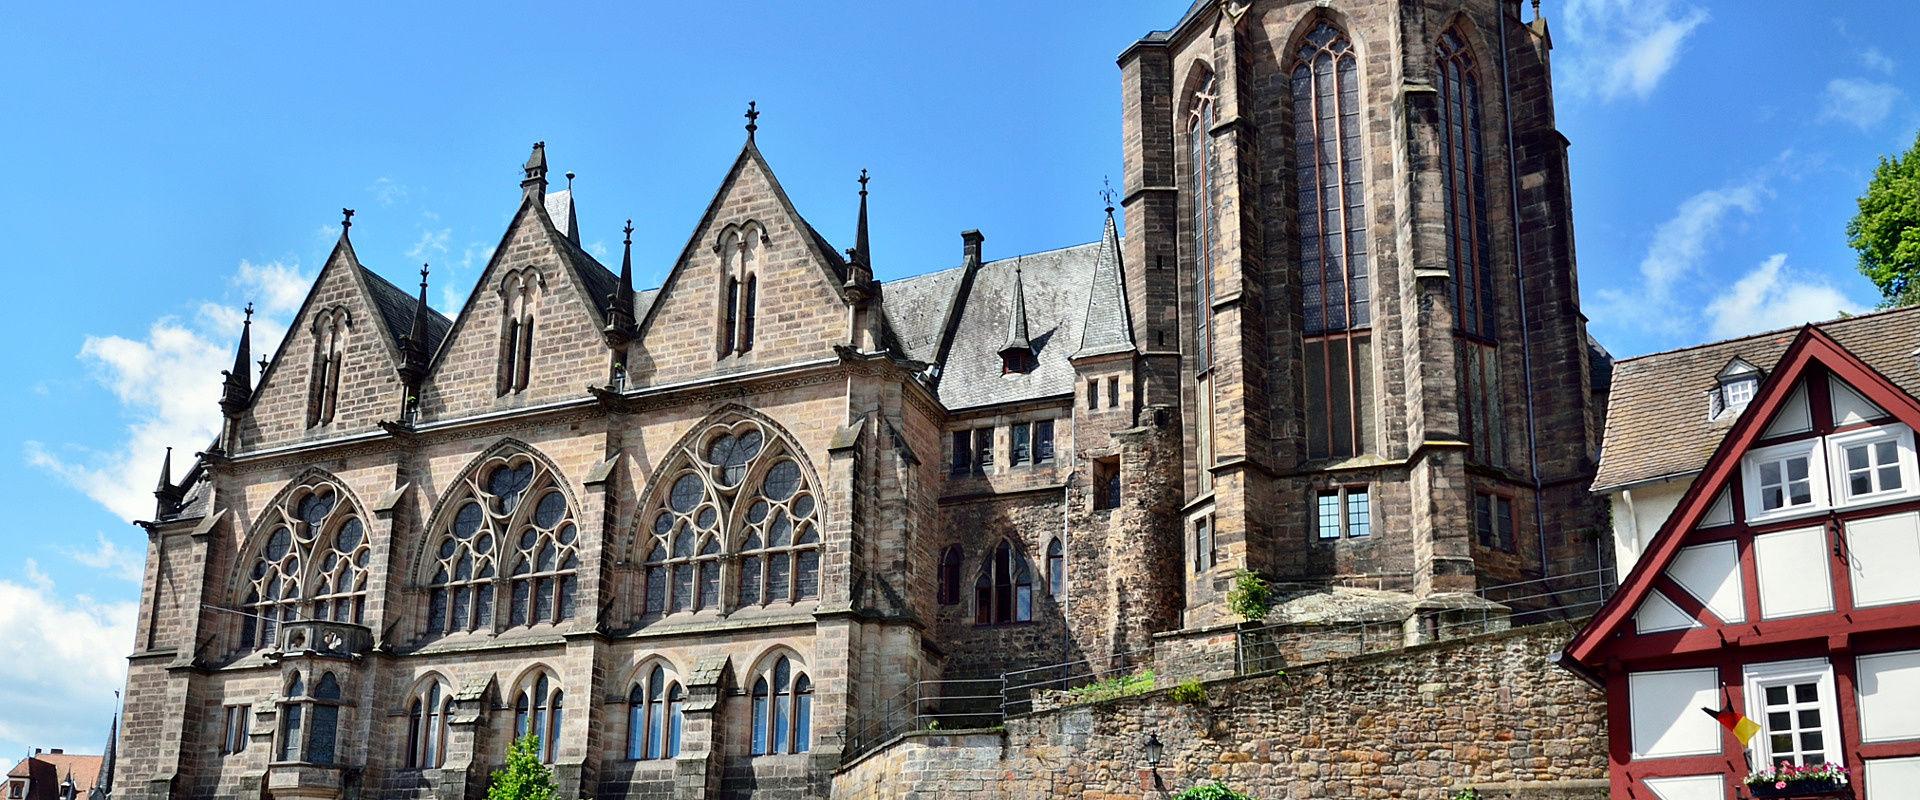 Old University, Marburg